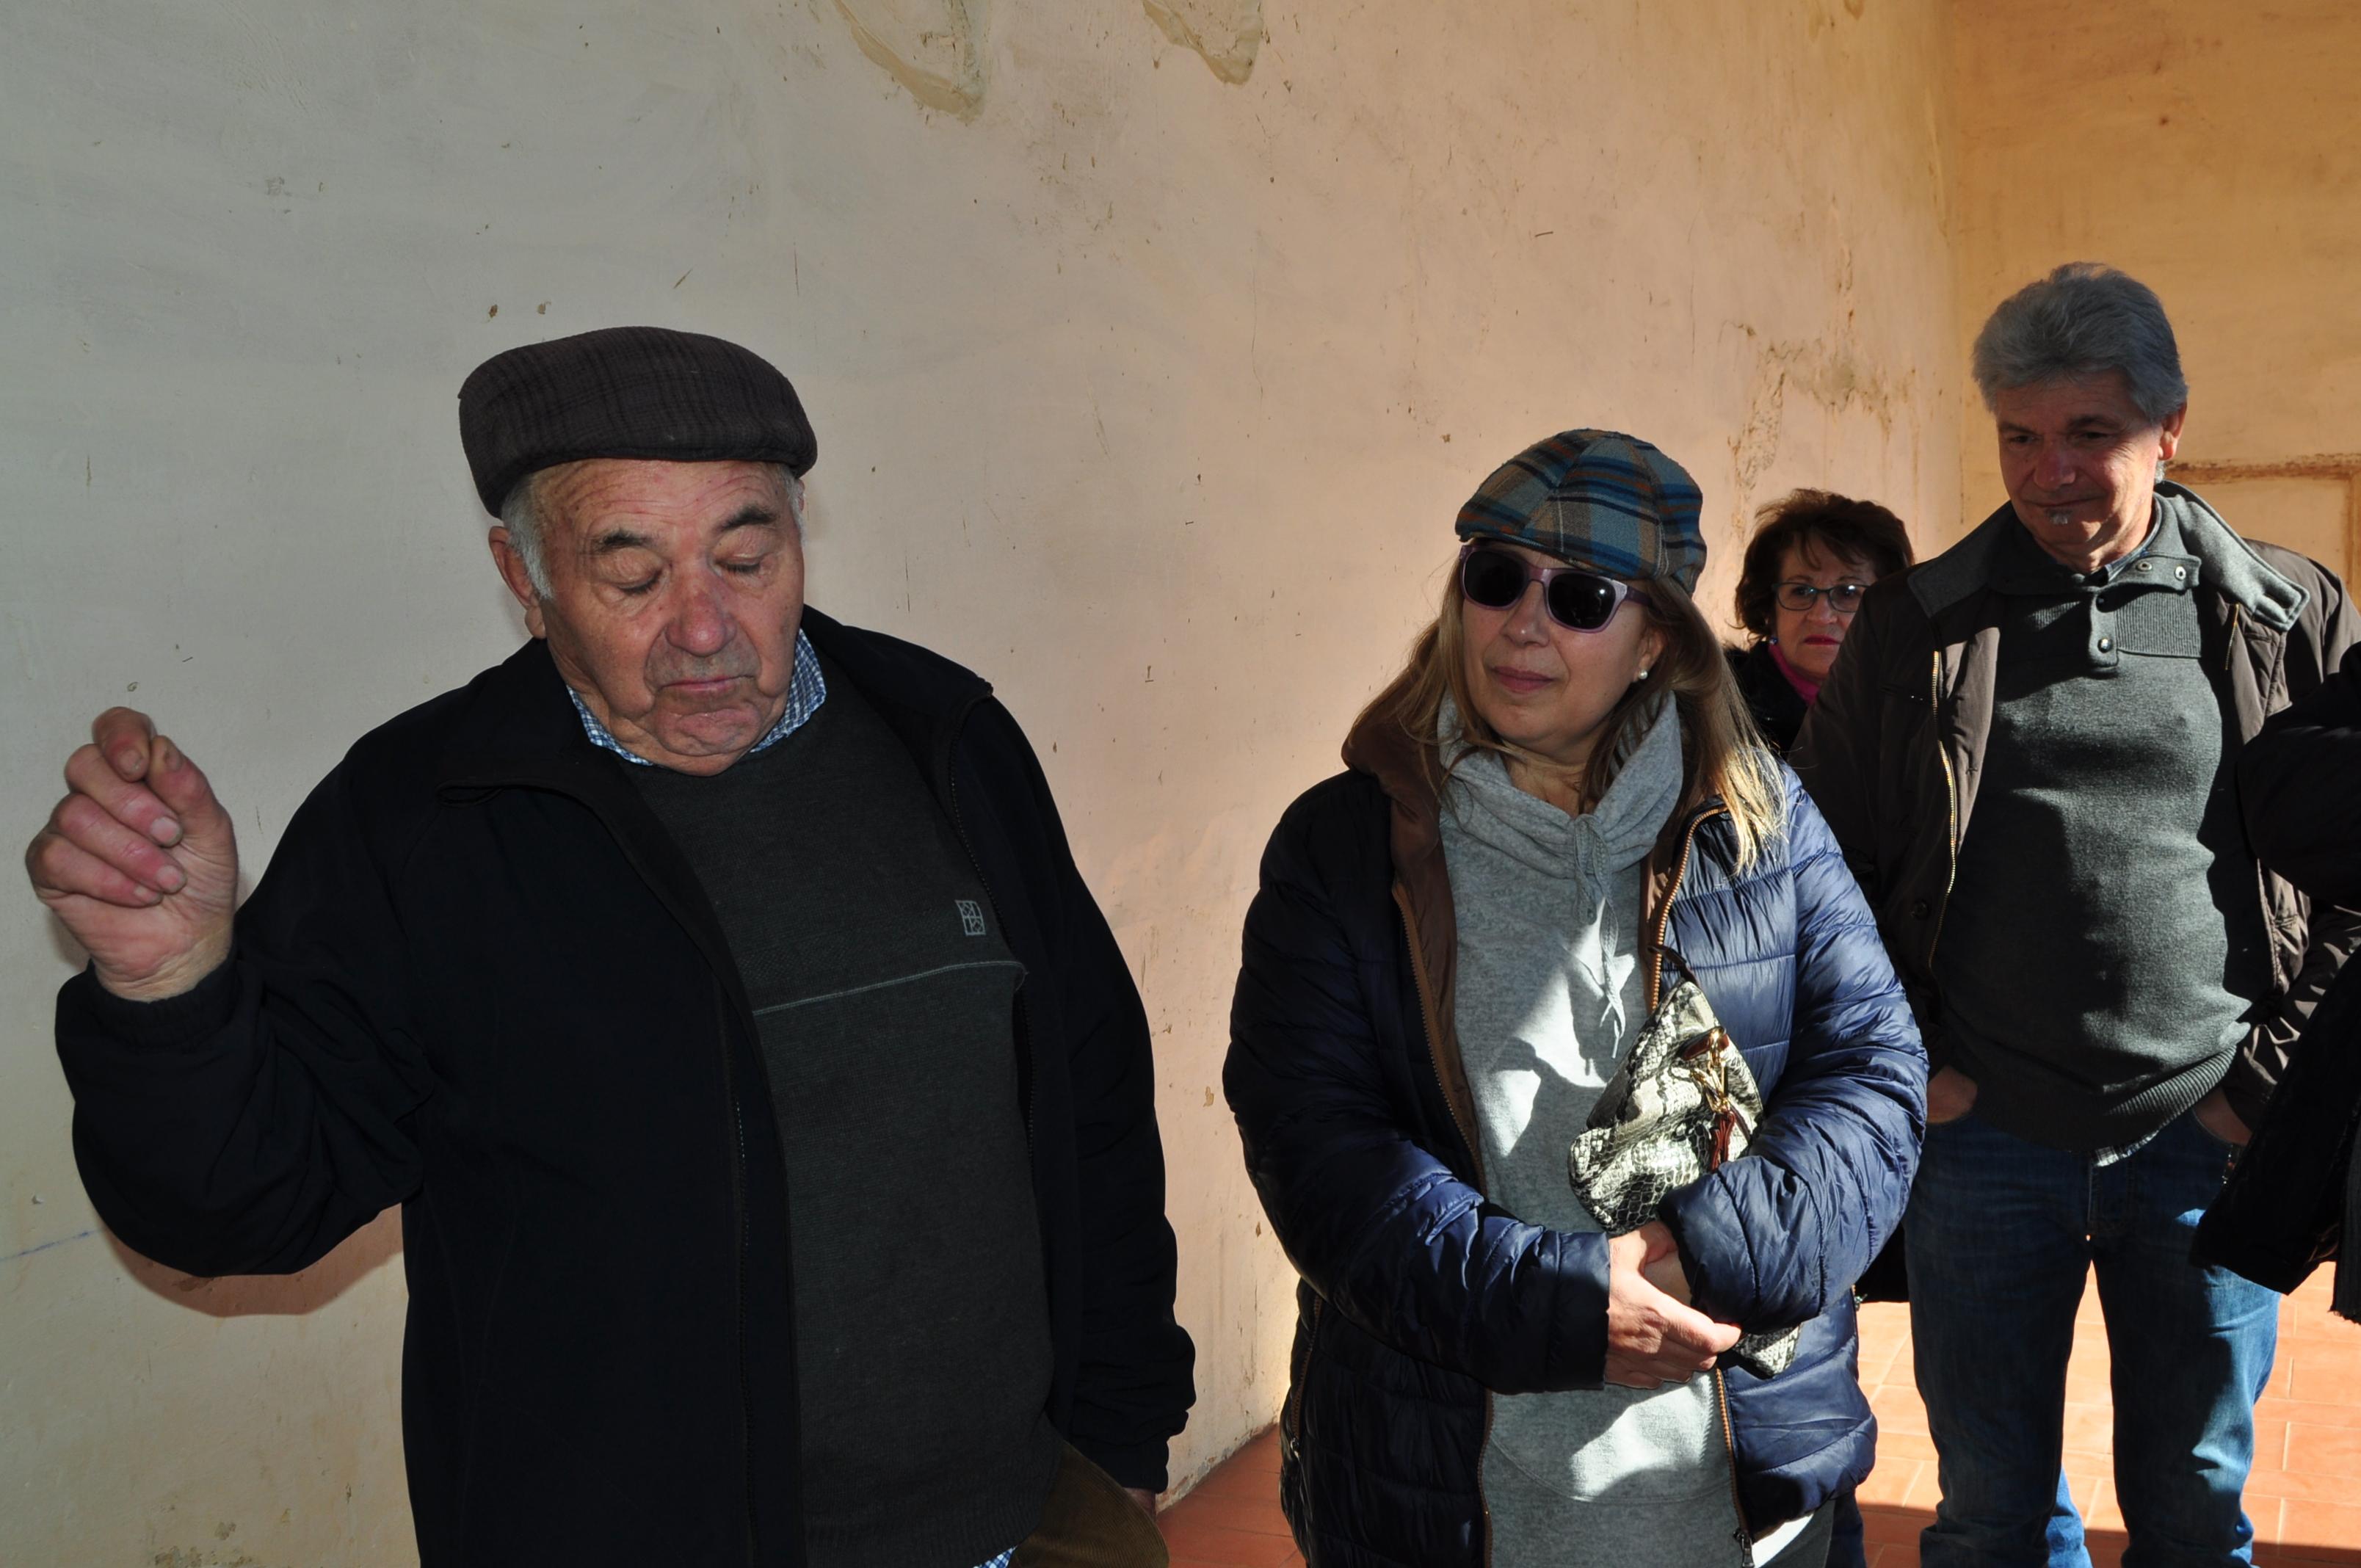 atendidos por el alcalde Francisco Espinosa, Socio de Honor de Promonumenta, que hizo de inmejorable cicerone